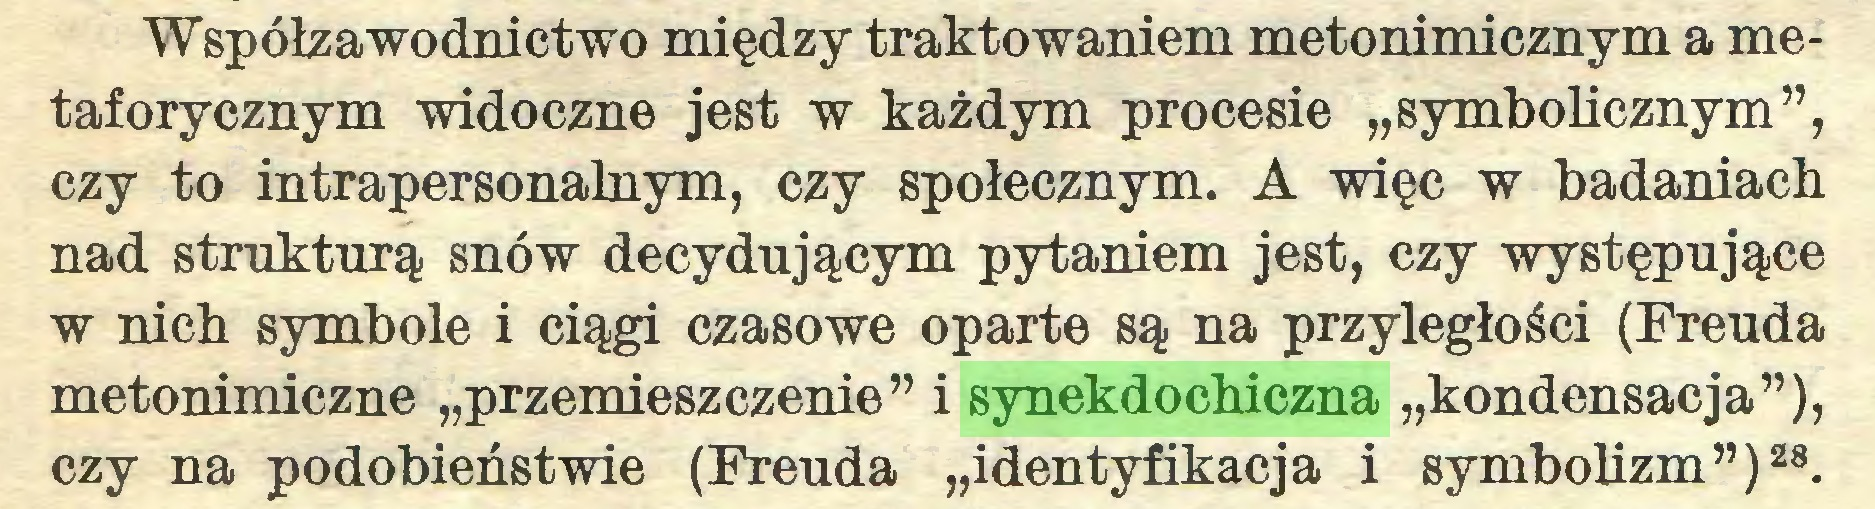 """(...) Współzawodnictwo między traktowaniem metonimicznym a metaforycznym widoczne jest w każdym procesie """"symbolicznym"""", czy to intrapersonalnym, czy społecznym. A więc w badaniach nad strukturą snów decydującym pytaniem jest, czy występujące w nich symbole i ciągi czasowe oparte są na przyległości (Freuda metonimiczne """"przemieszczenie"""" i synekdochiczna """"kondensacja""""), czy na podobieństwie (Freuda """"identyfikacja i symbolizm"""")28..."""